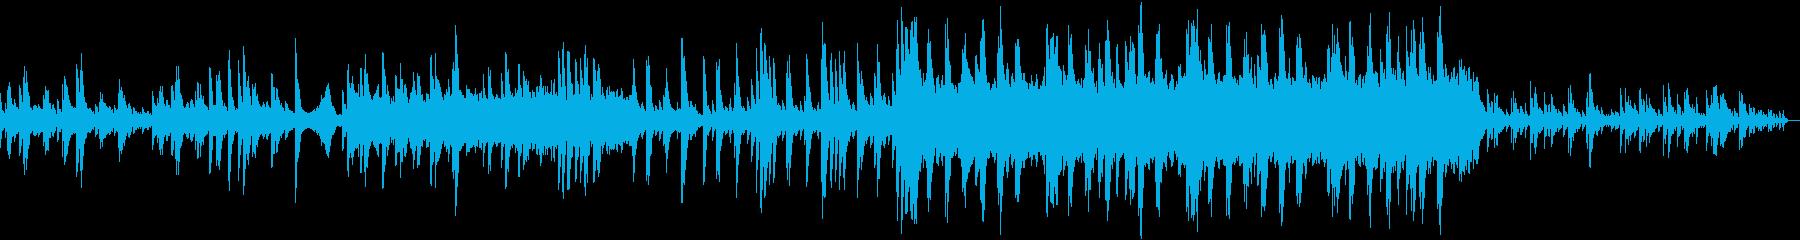 壮大/和風オーケストラ/感動/エモいの再生済みの波形